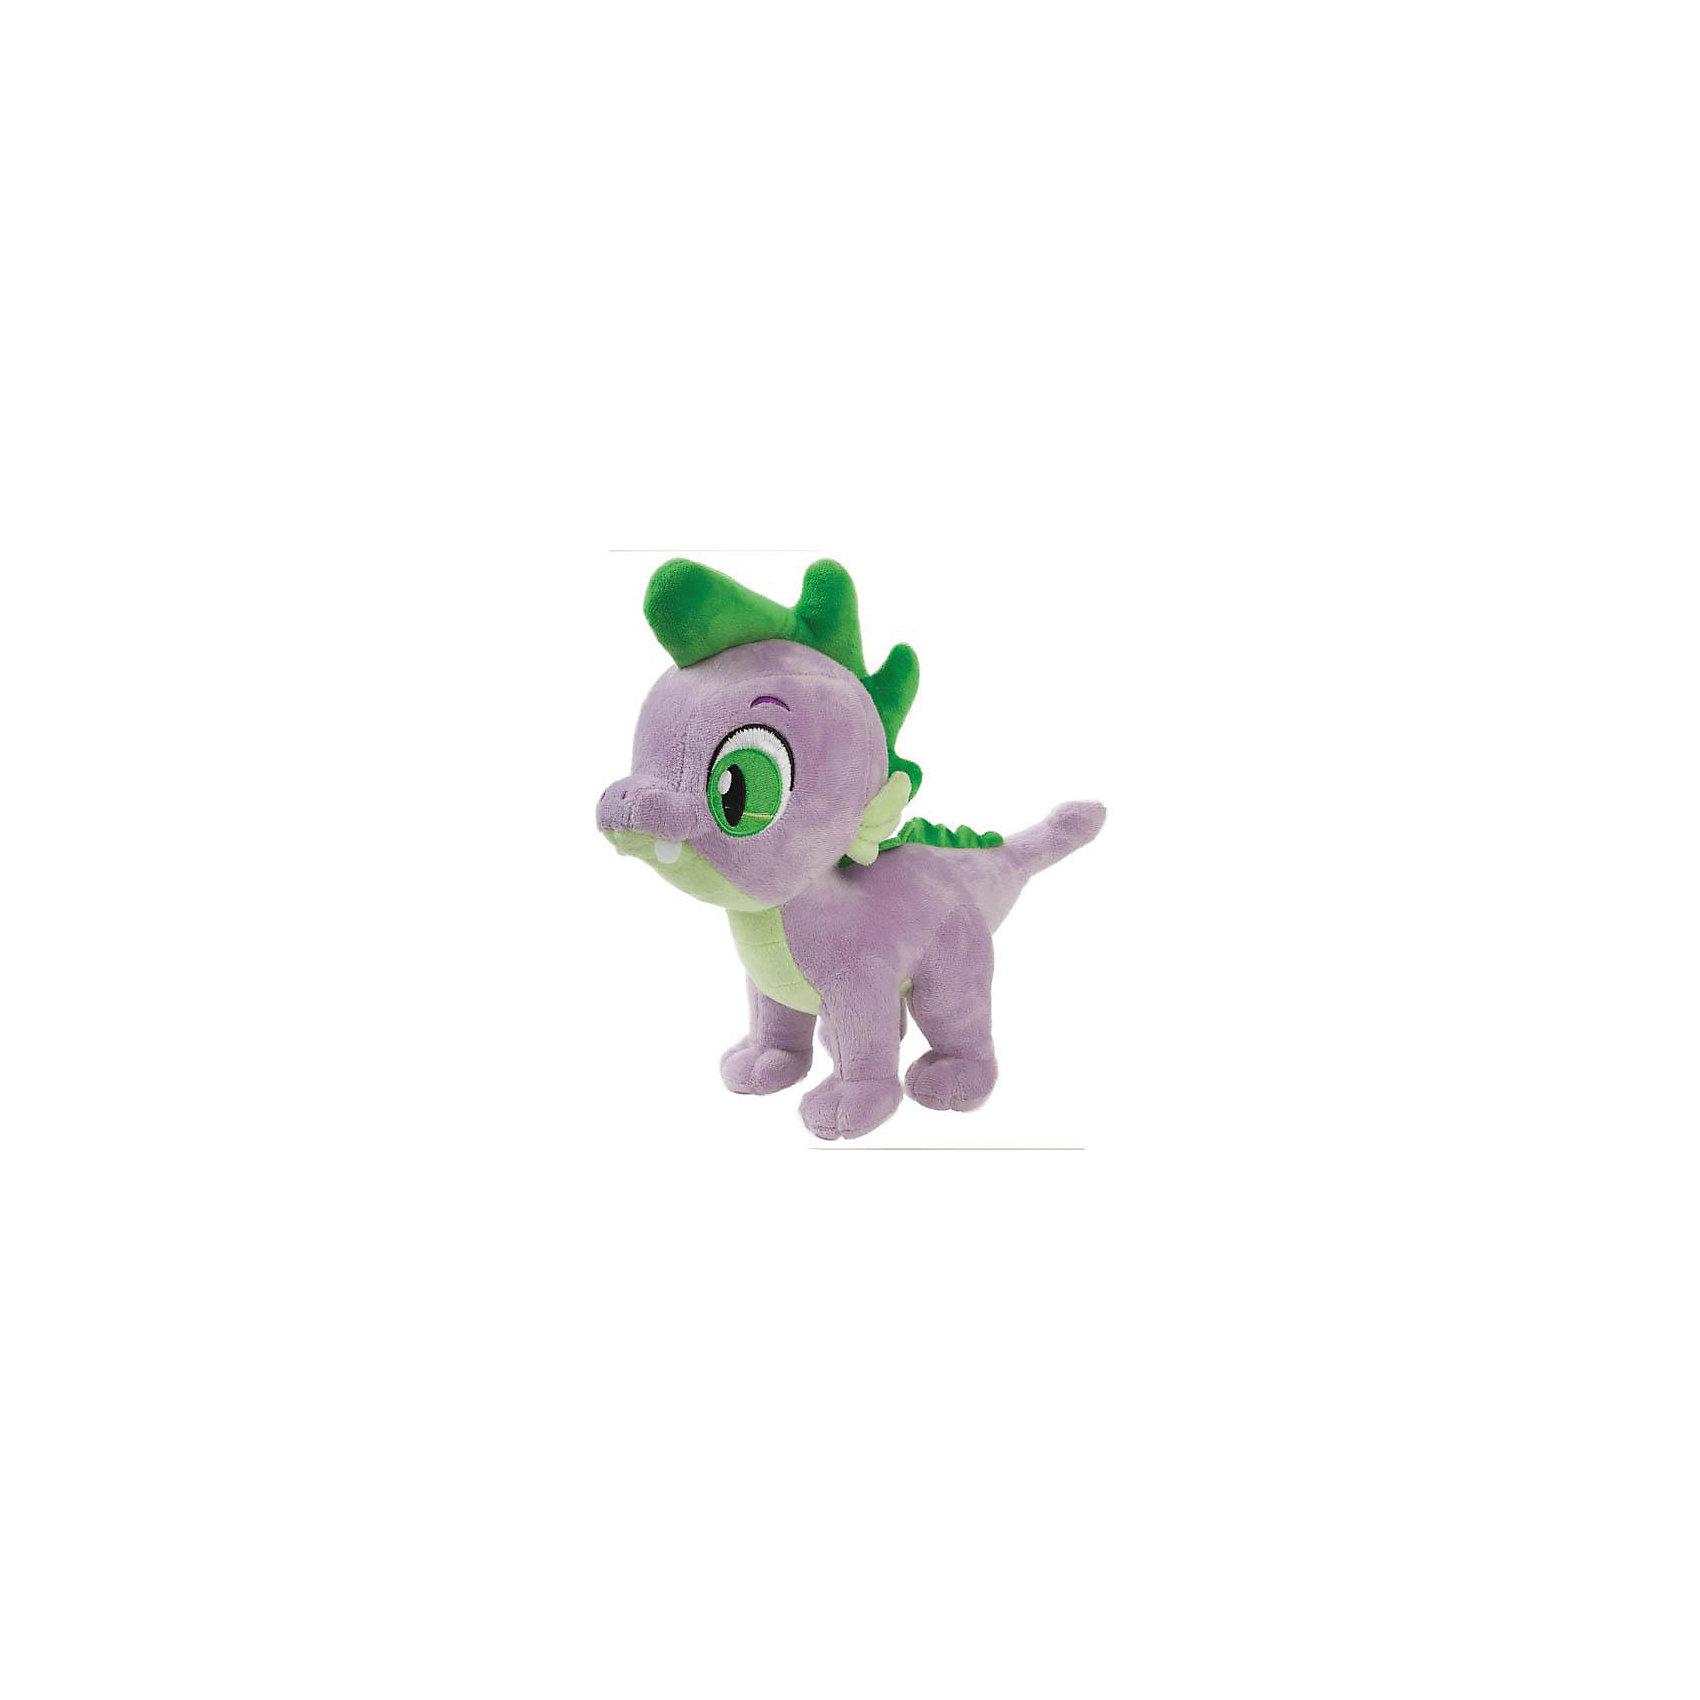 МУЛЬТИ-ПУЛЬТИ Мягкая игрушка Динозаврик Спайк, со звуком,  23 см, My little Pony, МУЛЬТИ-ПУЛЬТИ мульти пульти коза дереза 23 см со звуком мульти пульти